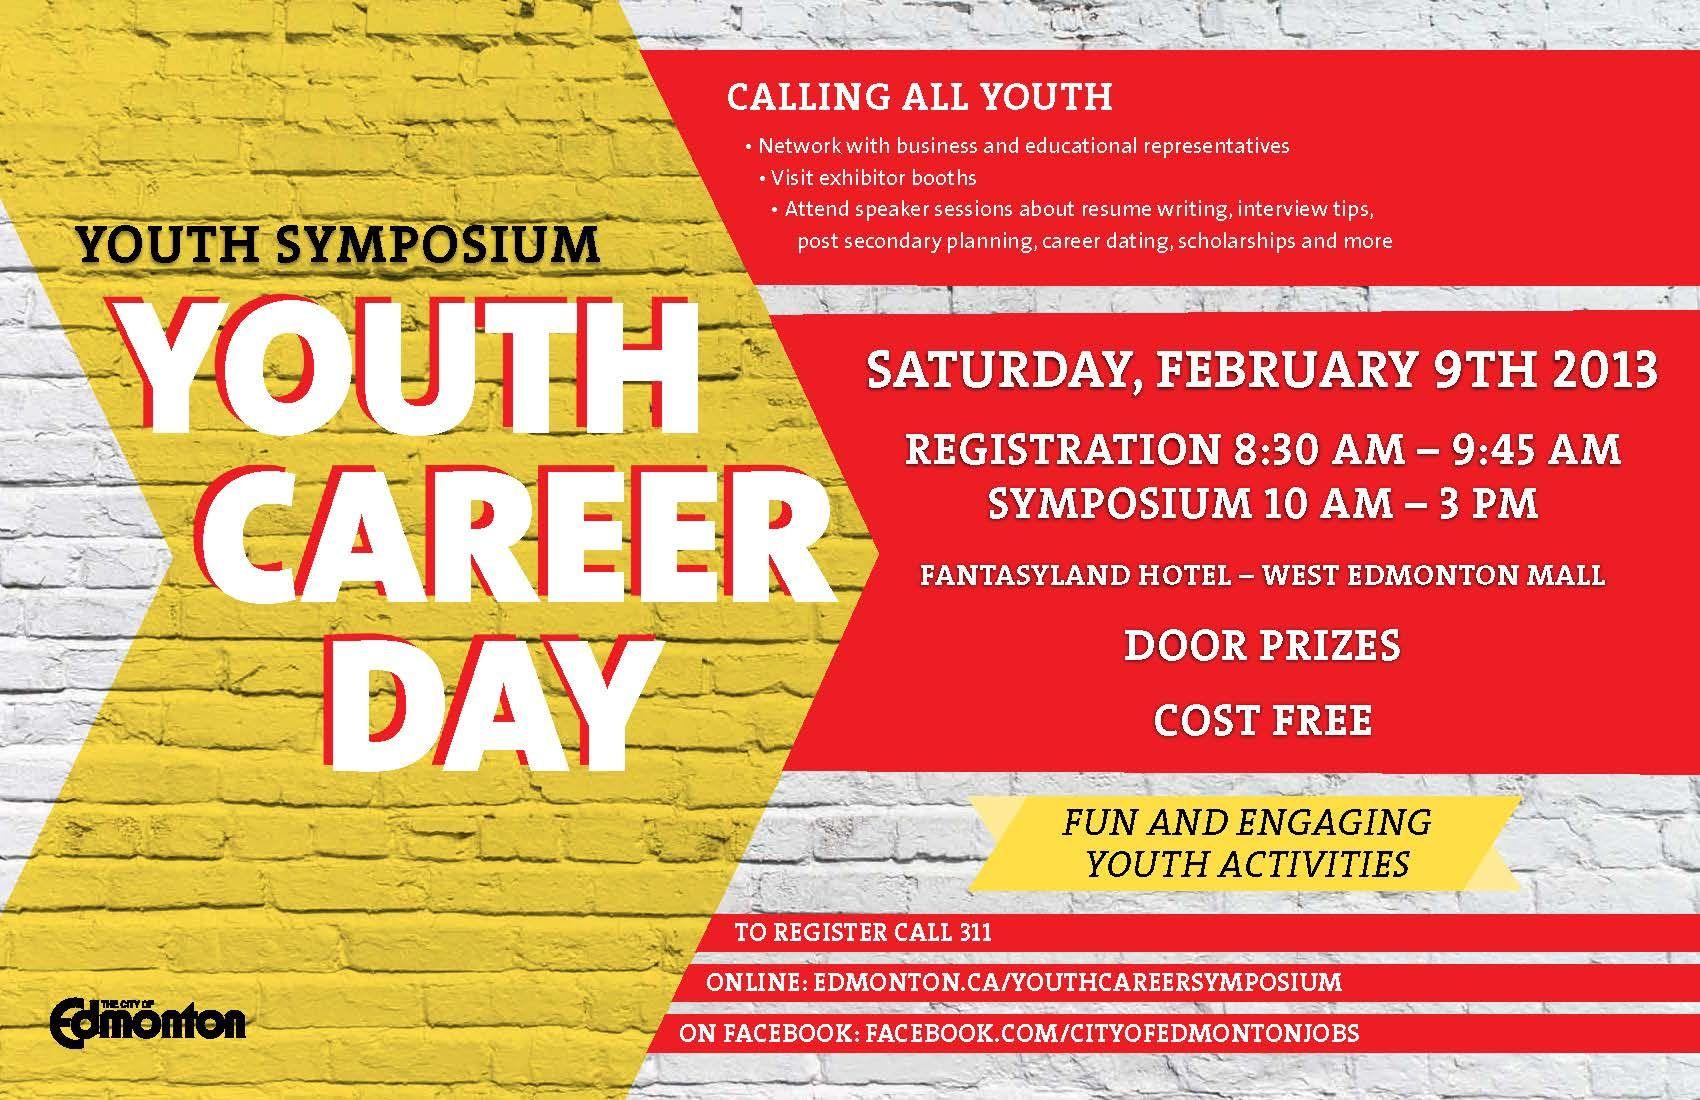 City of Edmonton 2013 Youth Career Symposium on February 9